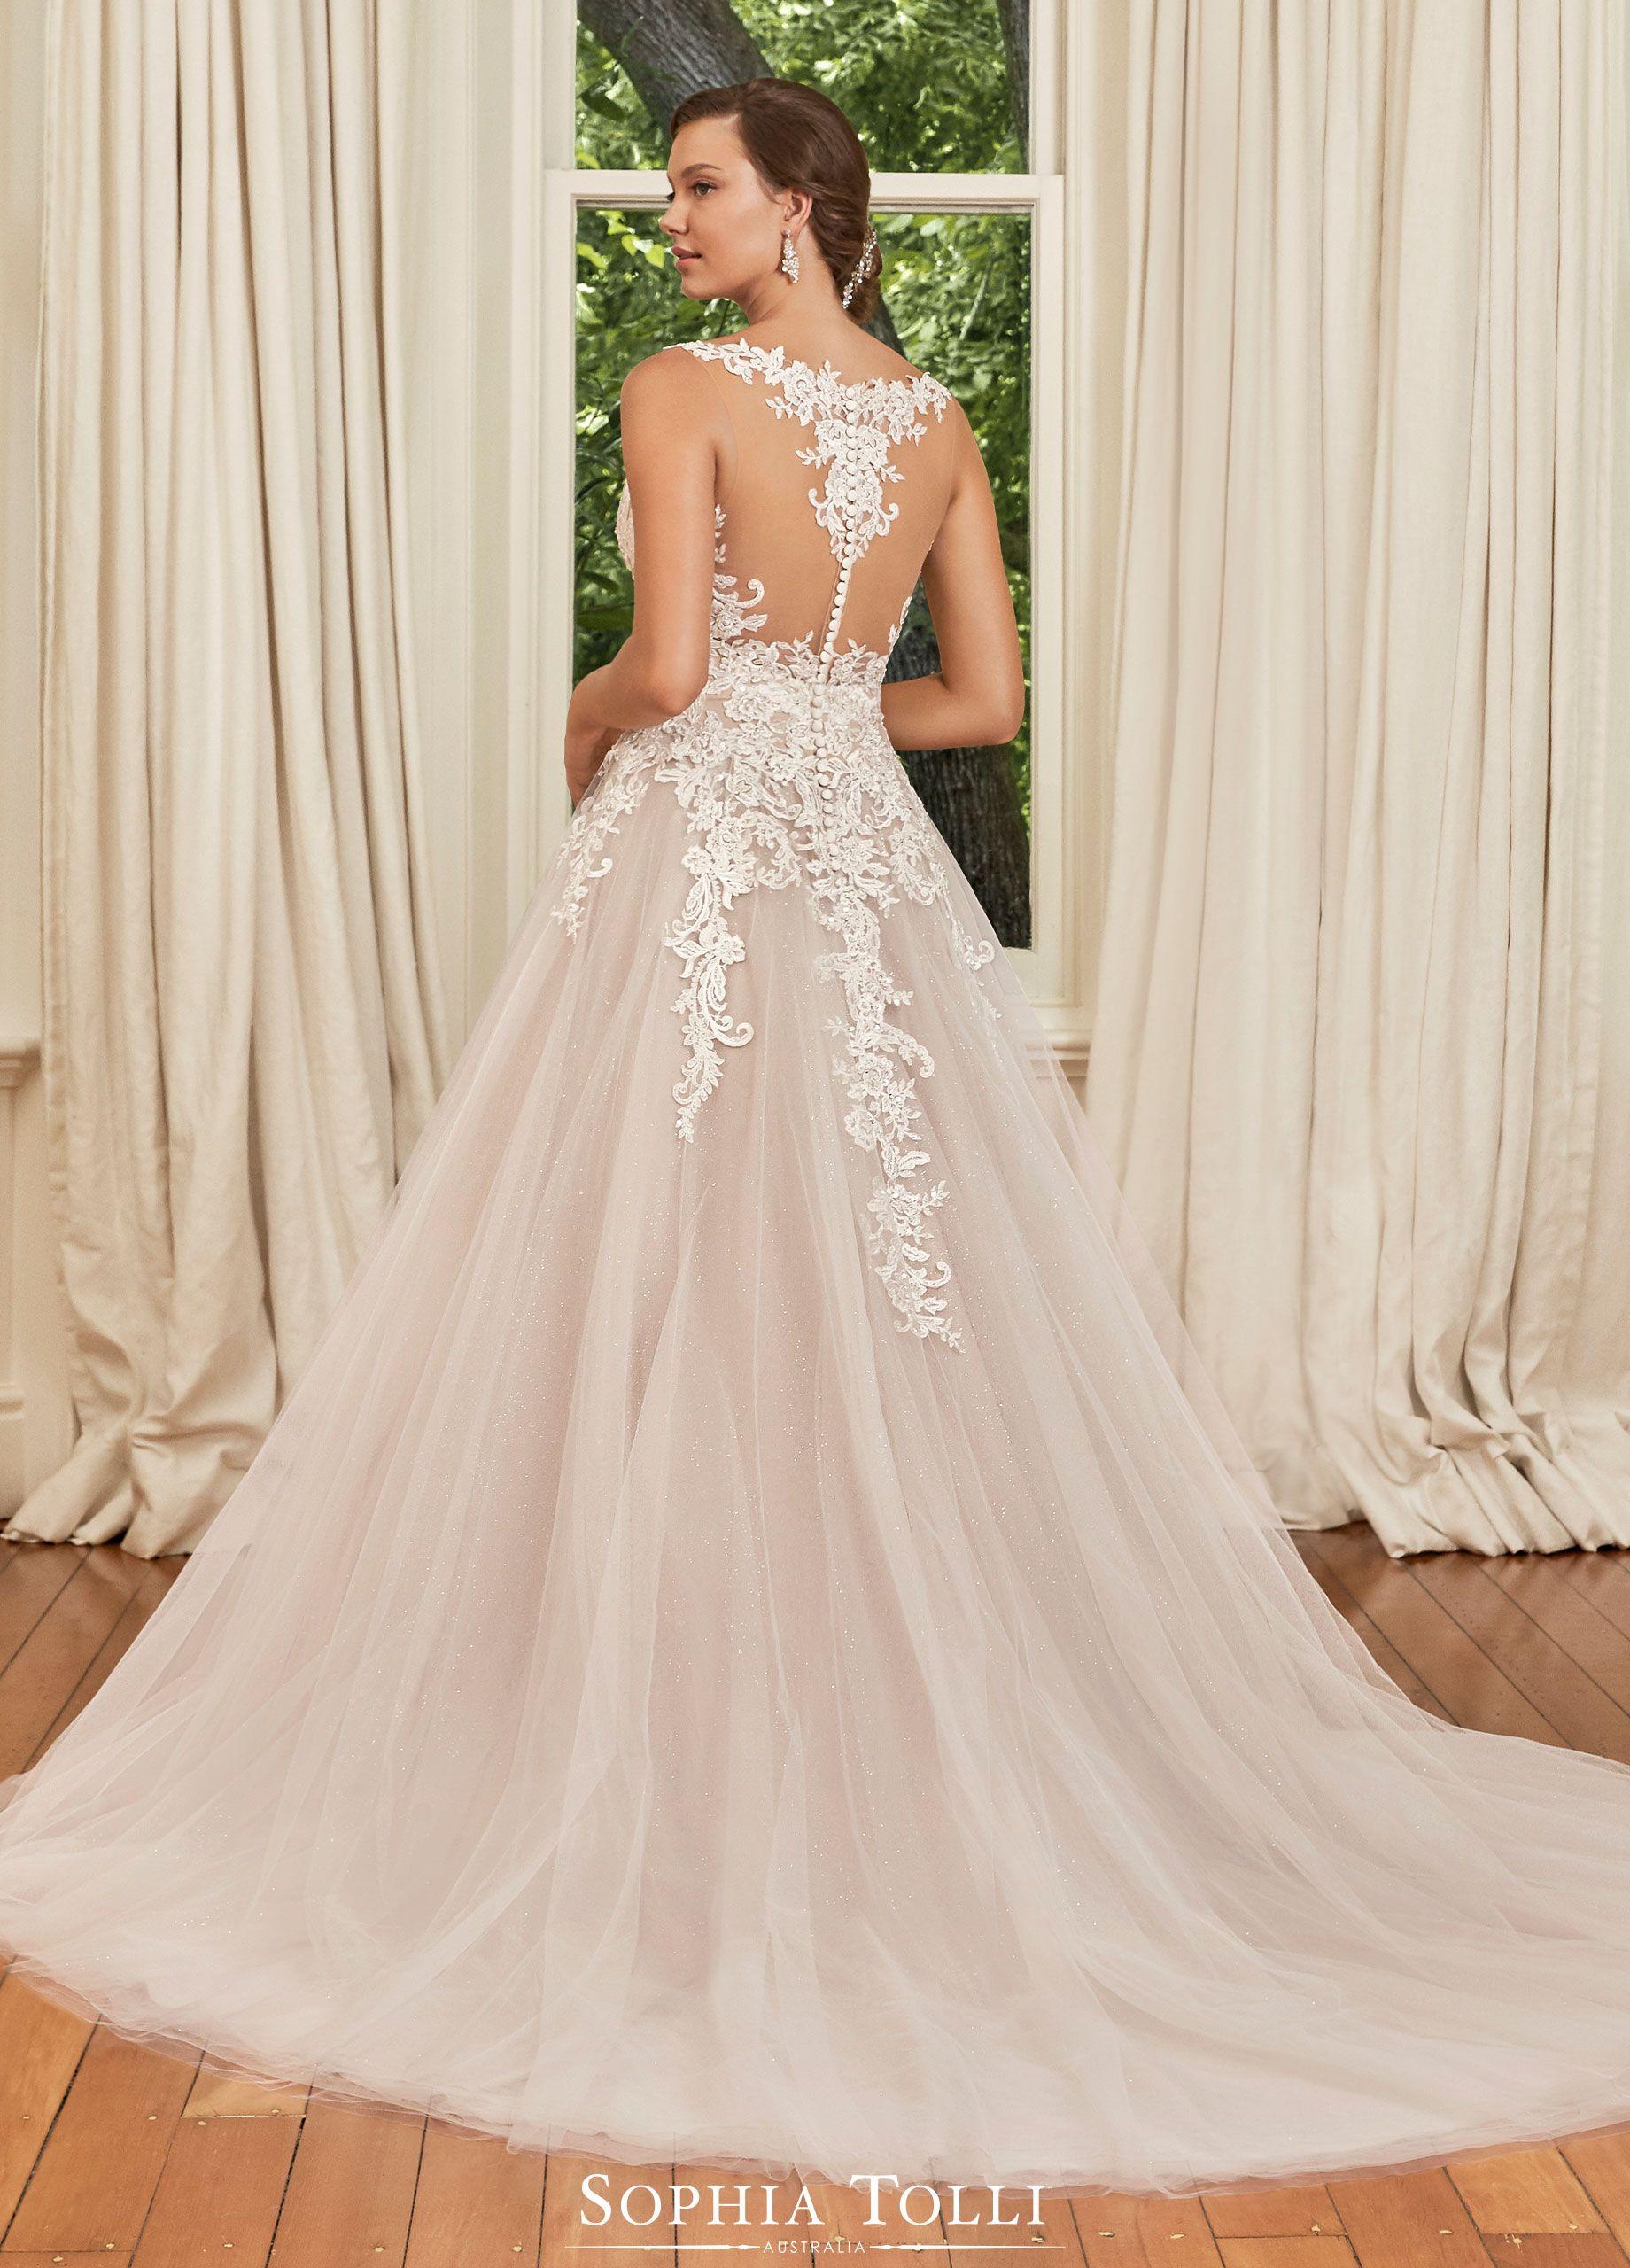 Sophia Tolli Stephanie Sophia Tolli Wedding Gowns Wedding Dresses Sophia Tolli Wedding Dresses